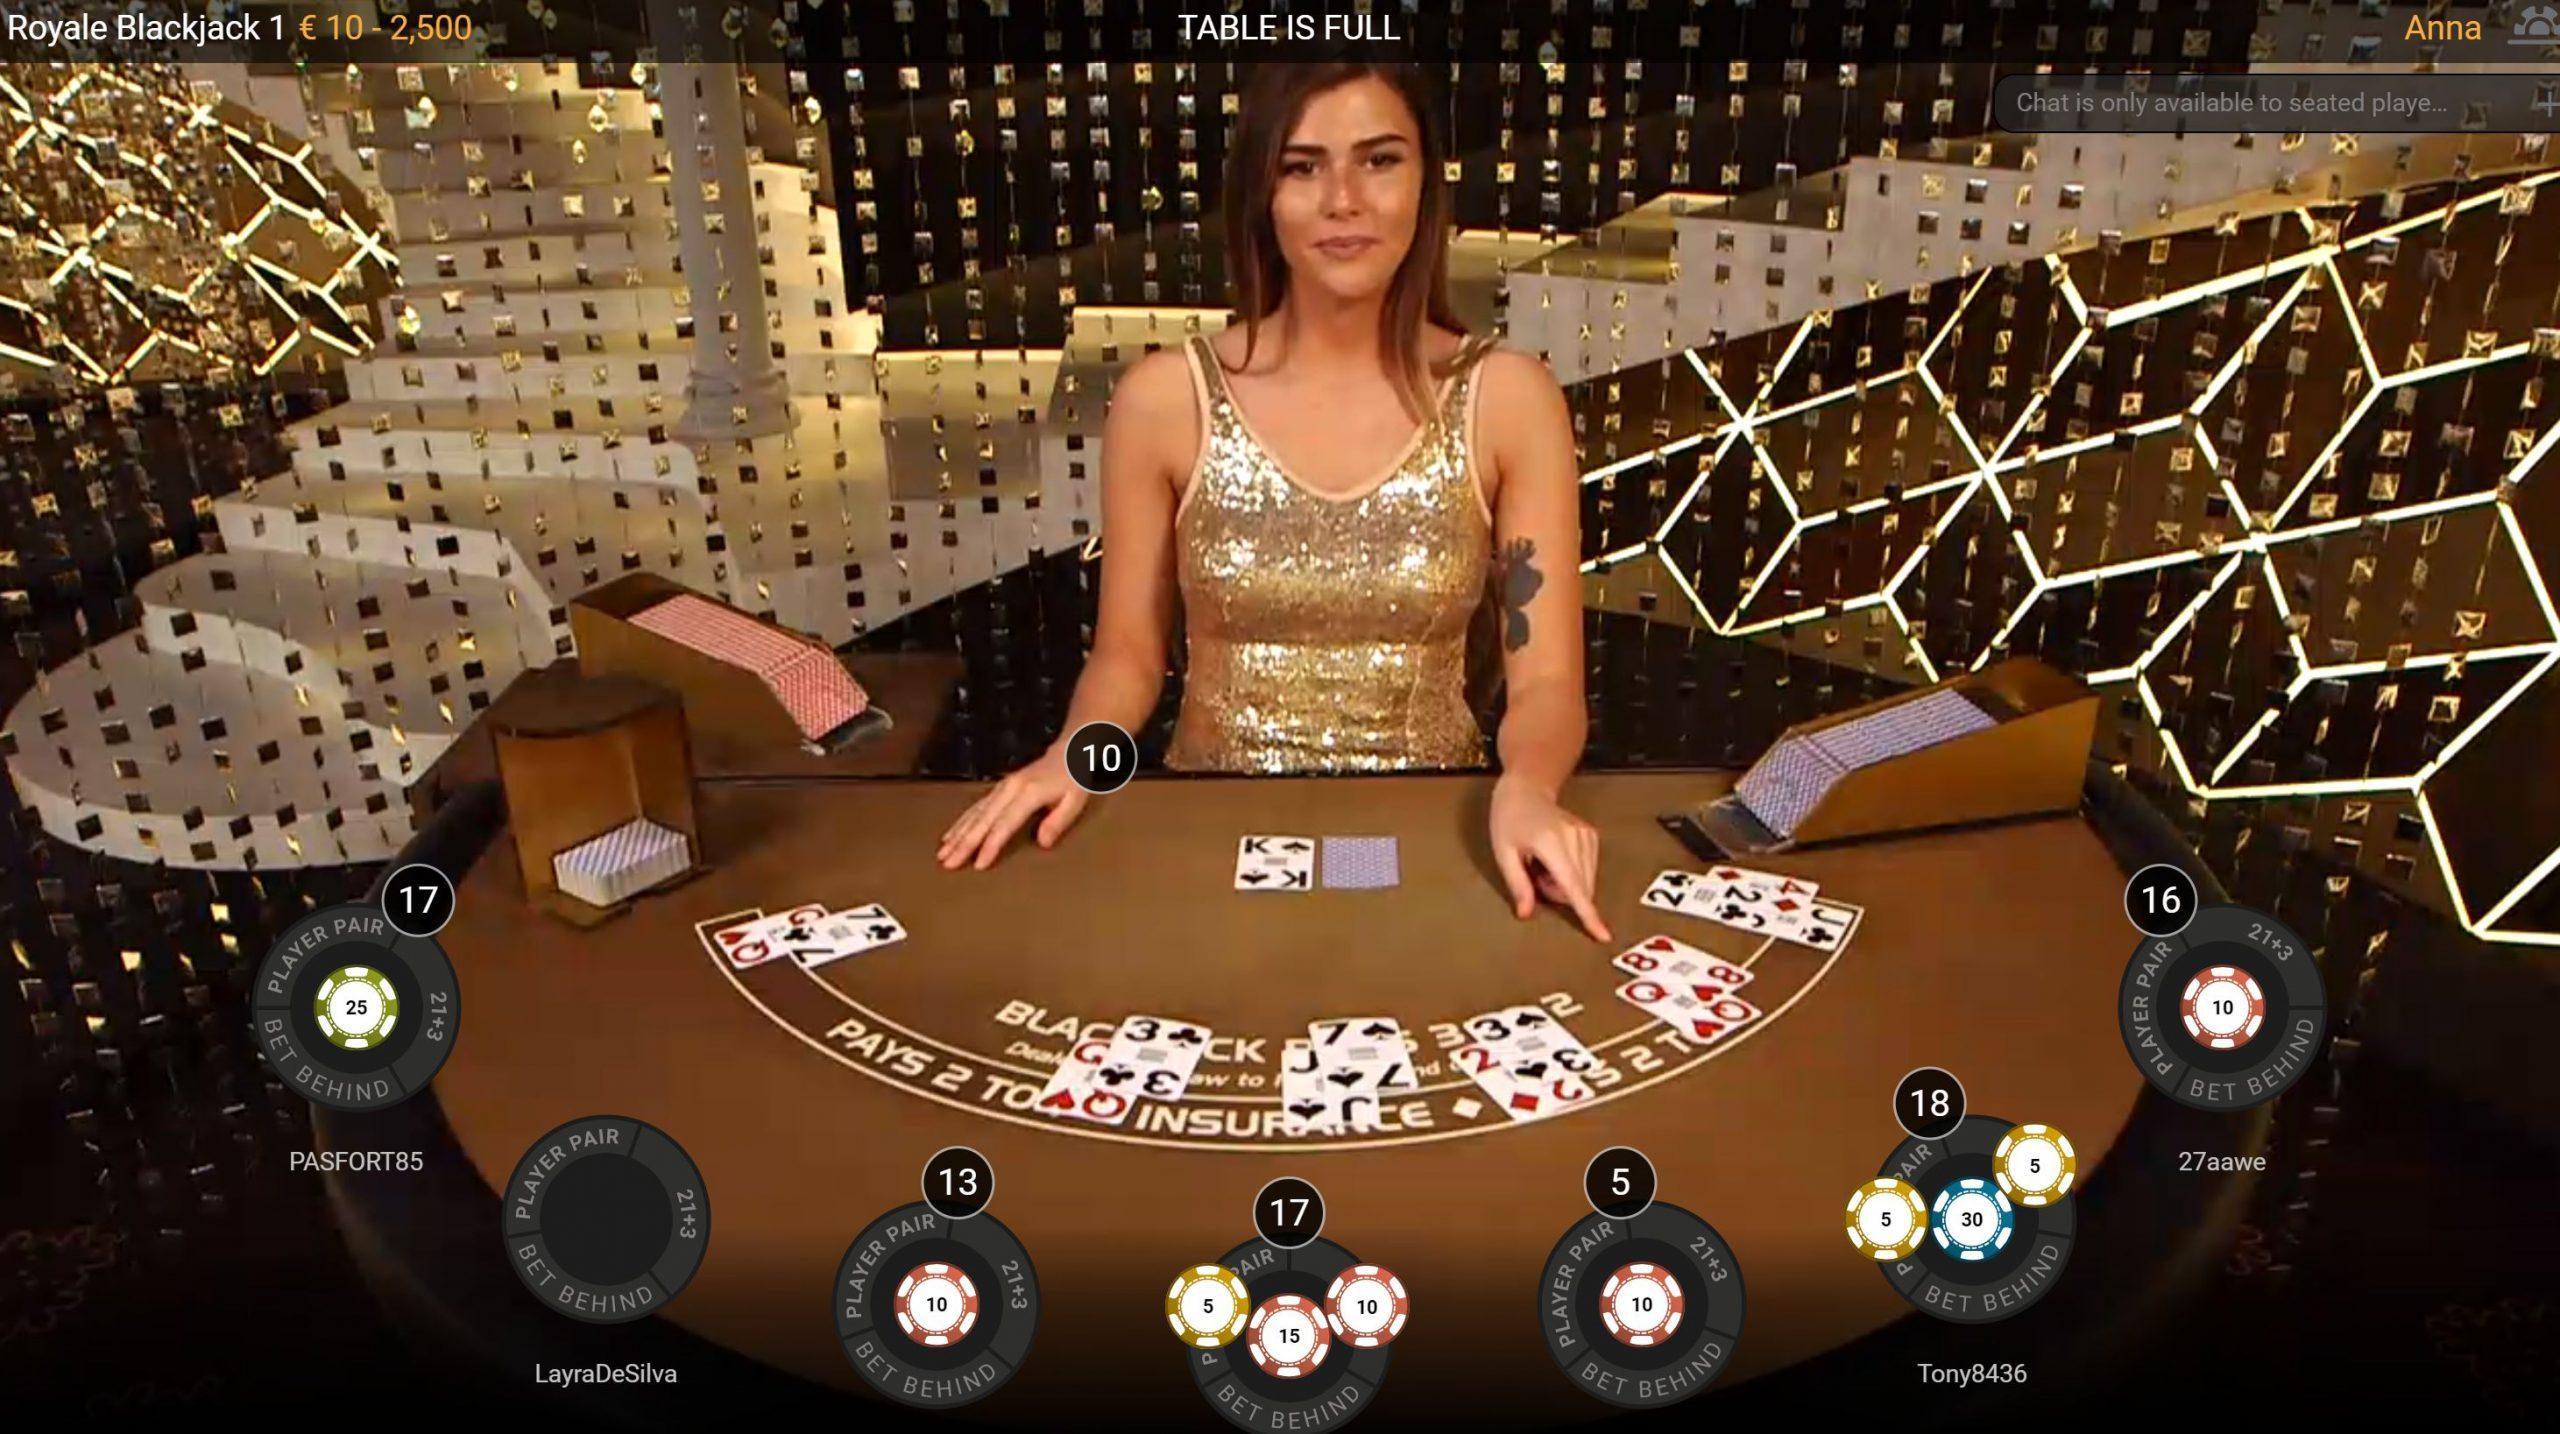 Best online casino games to win big